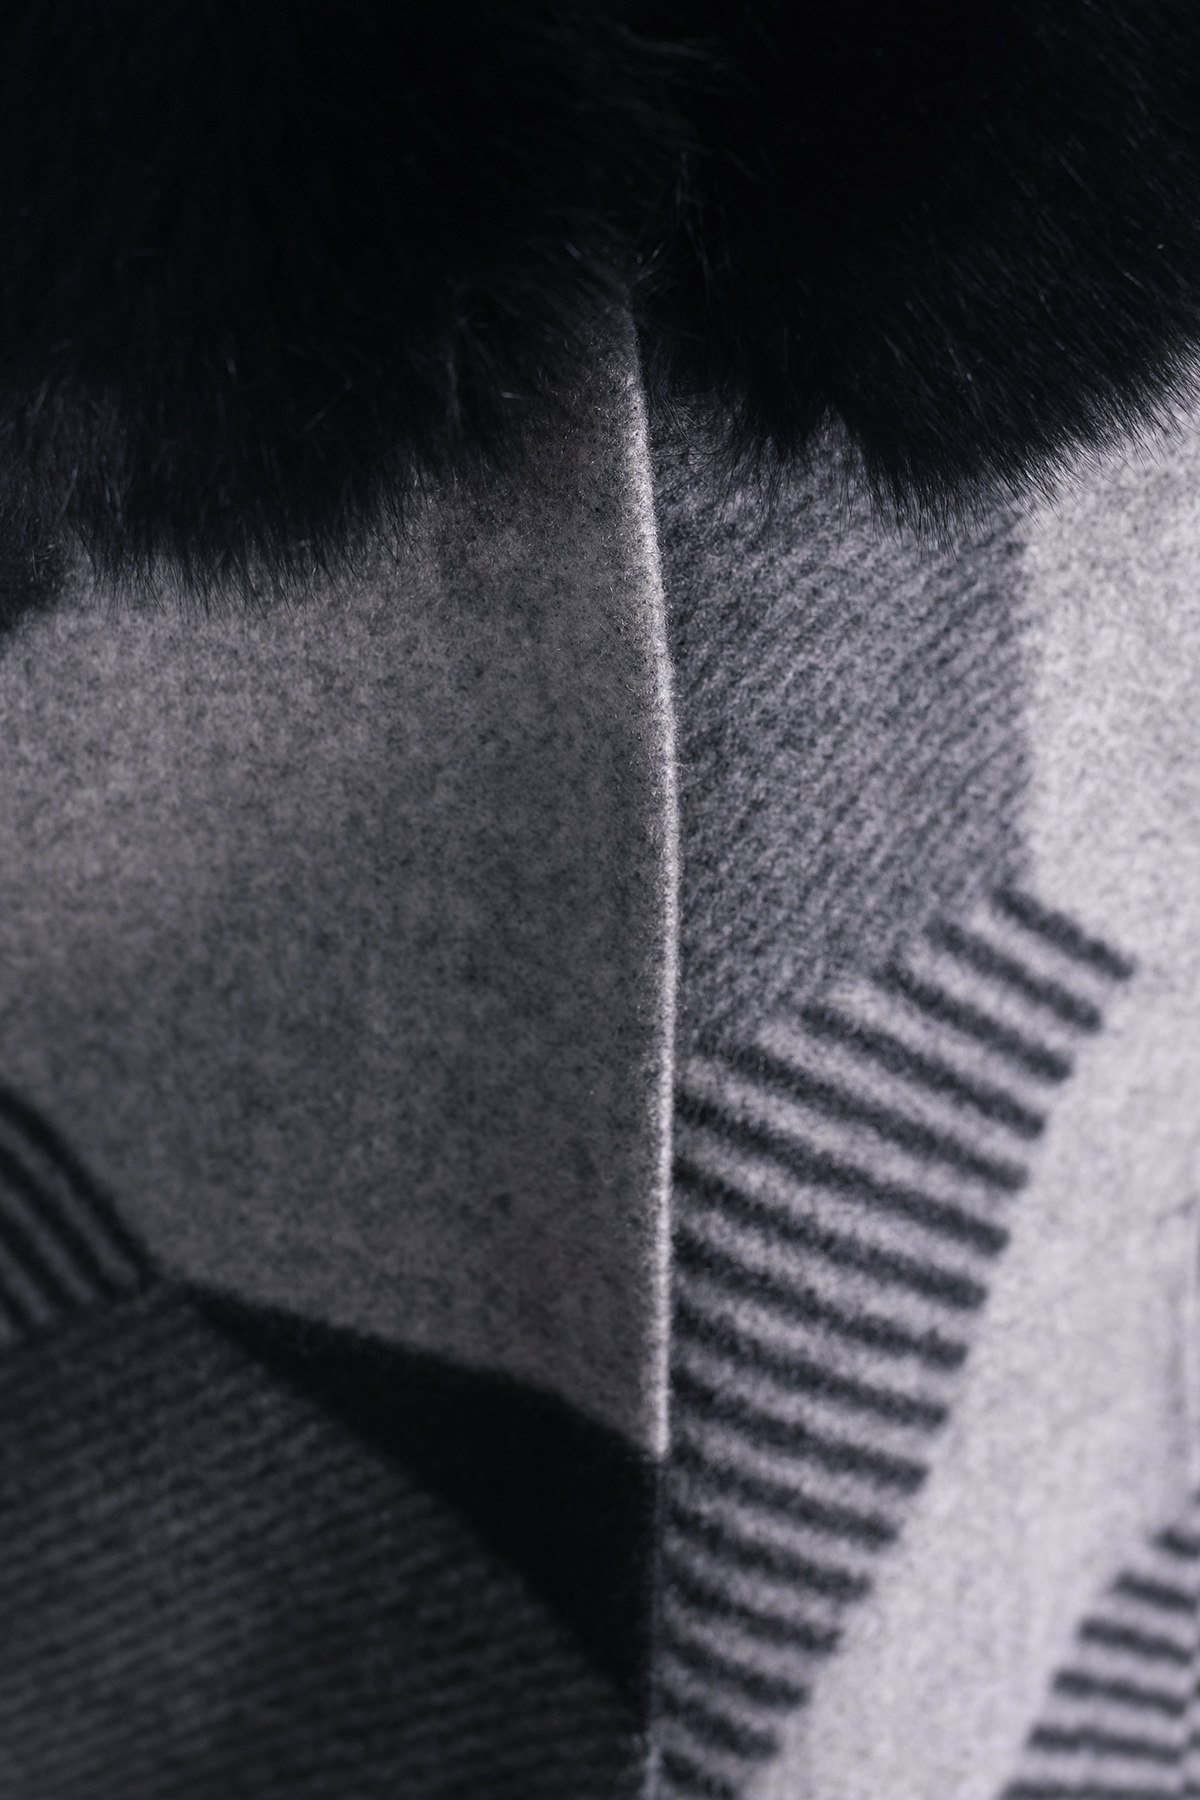 Пальто зима Марис 0649  АРТ. 7793 Цвет: Черный/серый полос Д2/С1 - фото 4, интернет магазин tm-modus.ru